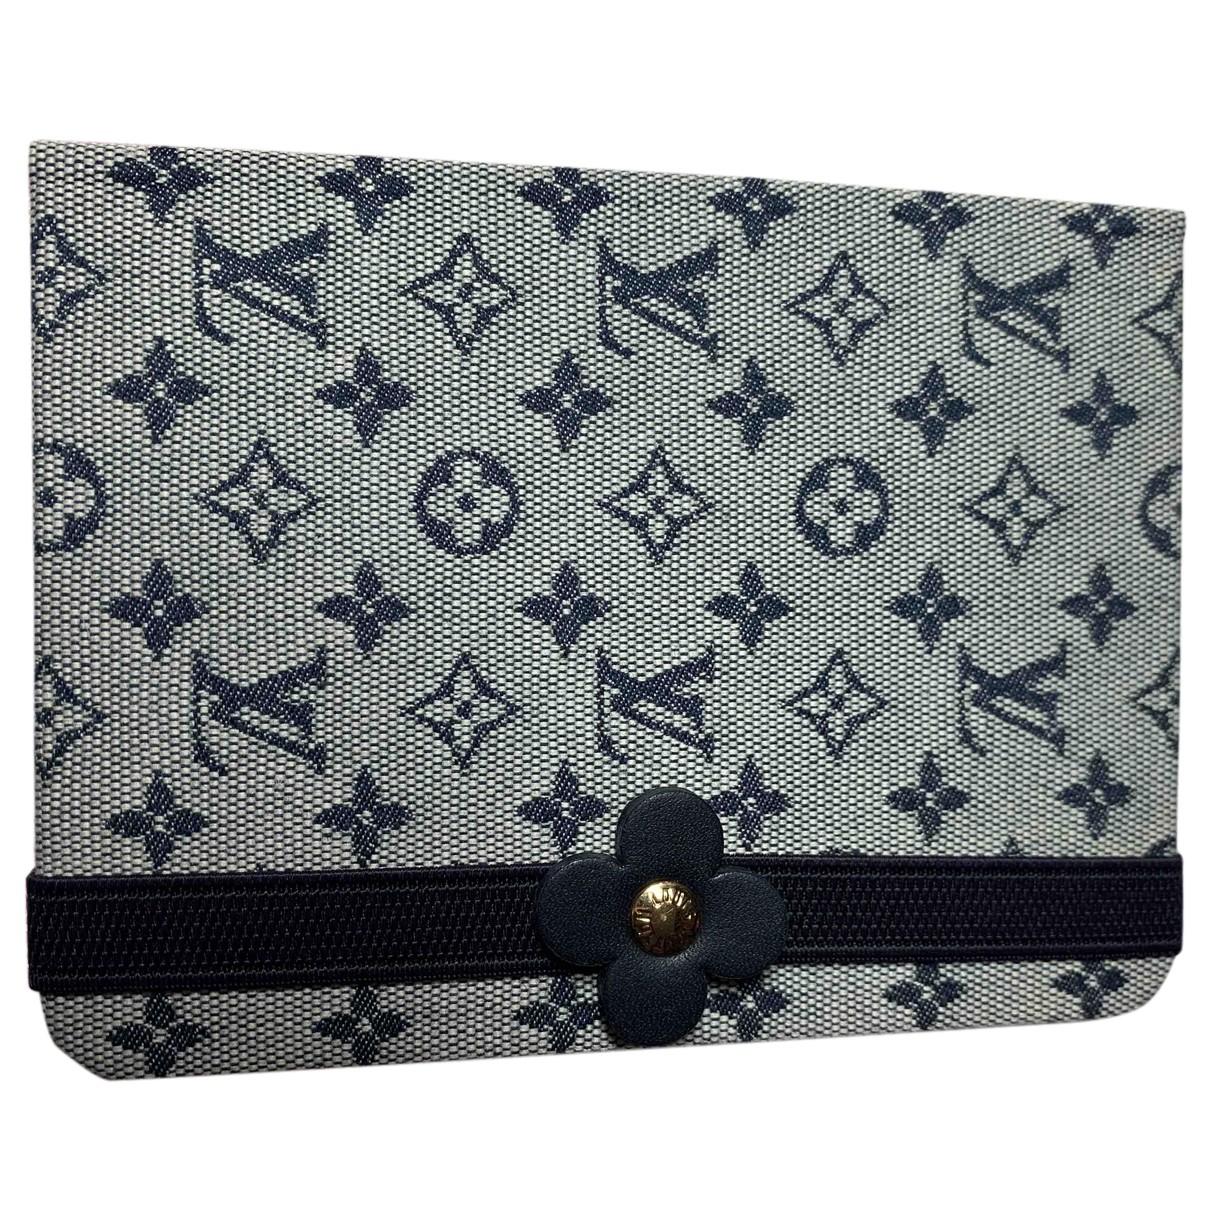 Cuaderno Louis Vuitton